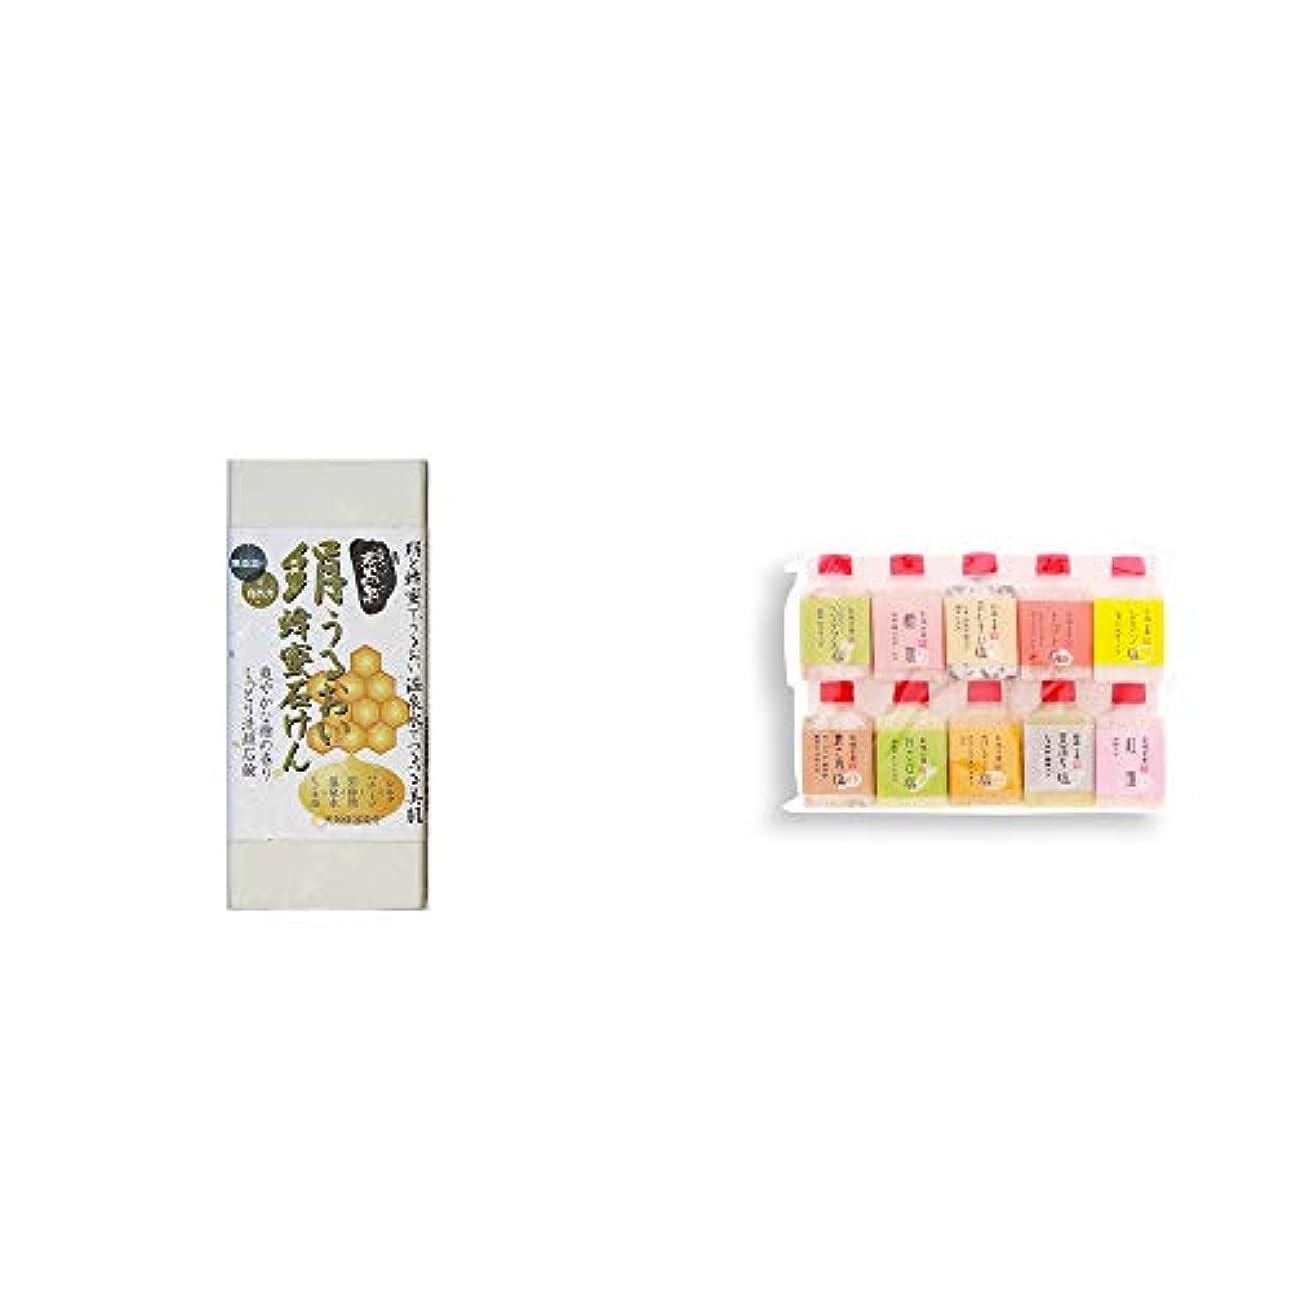 ホールドオール環境に優しい恩恵[2点セット] ひのき炭黒泉 絹うるおい蜂蜜石けん(75g×2)?塩アラカルト(10本セット)